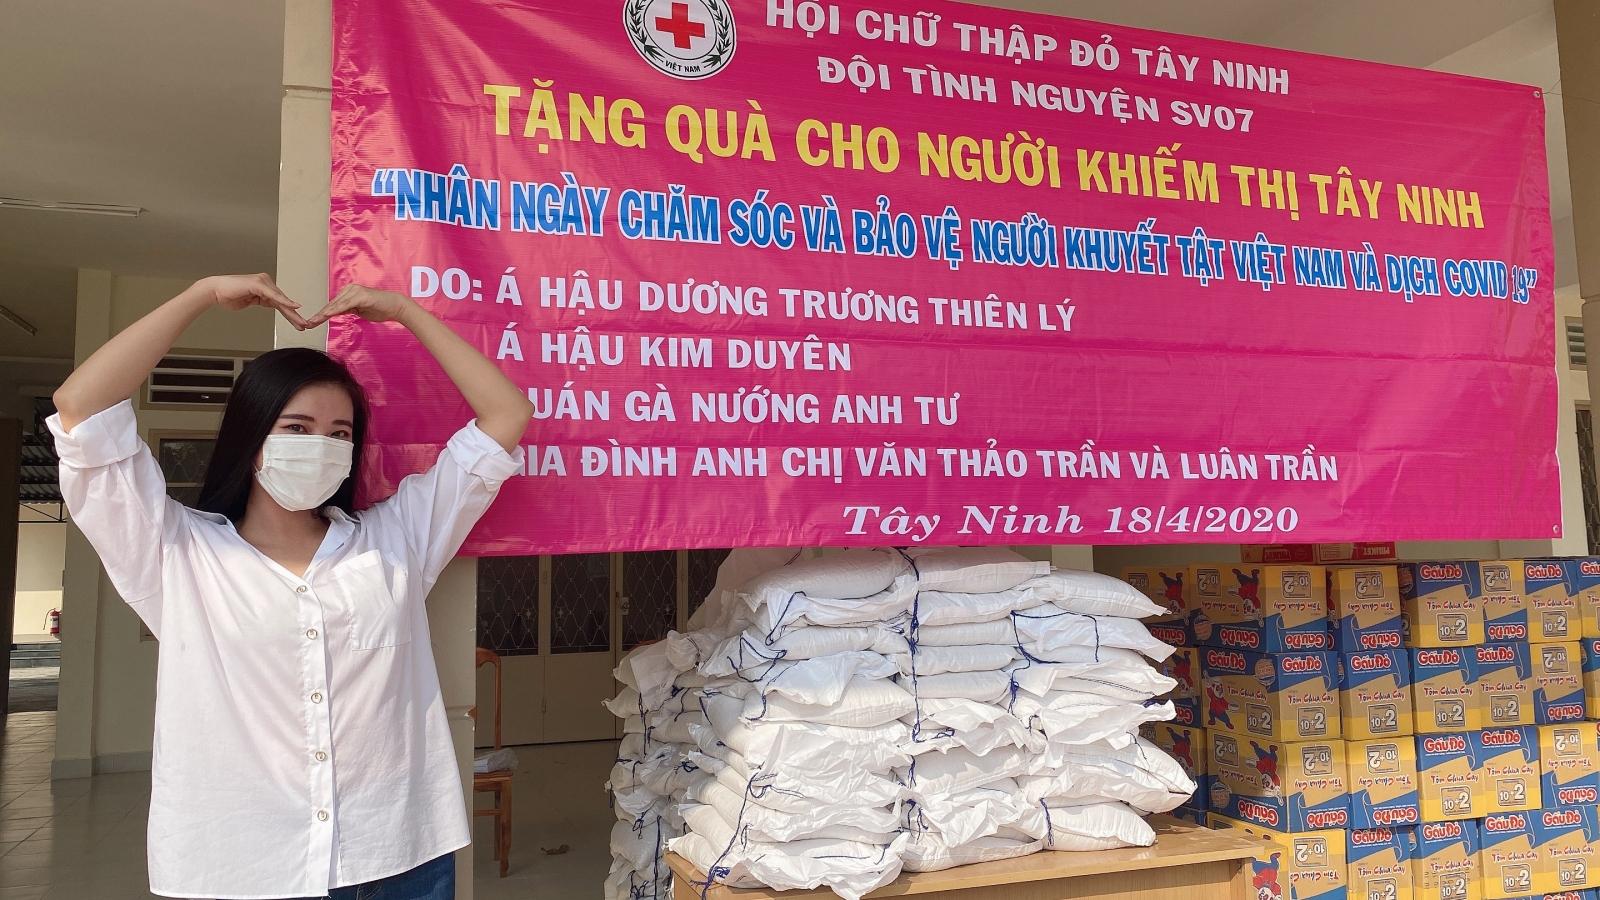 Á hậu Kim Duyên ủng hộ 1 tấn gạo cho người khiếm thị ở Tây Ninh